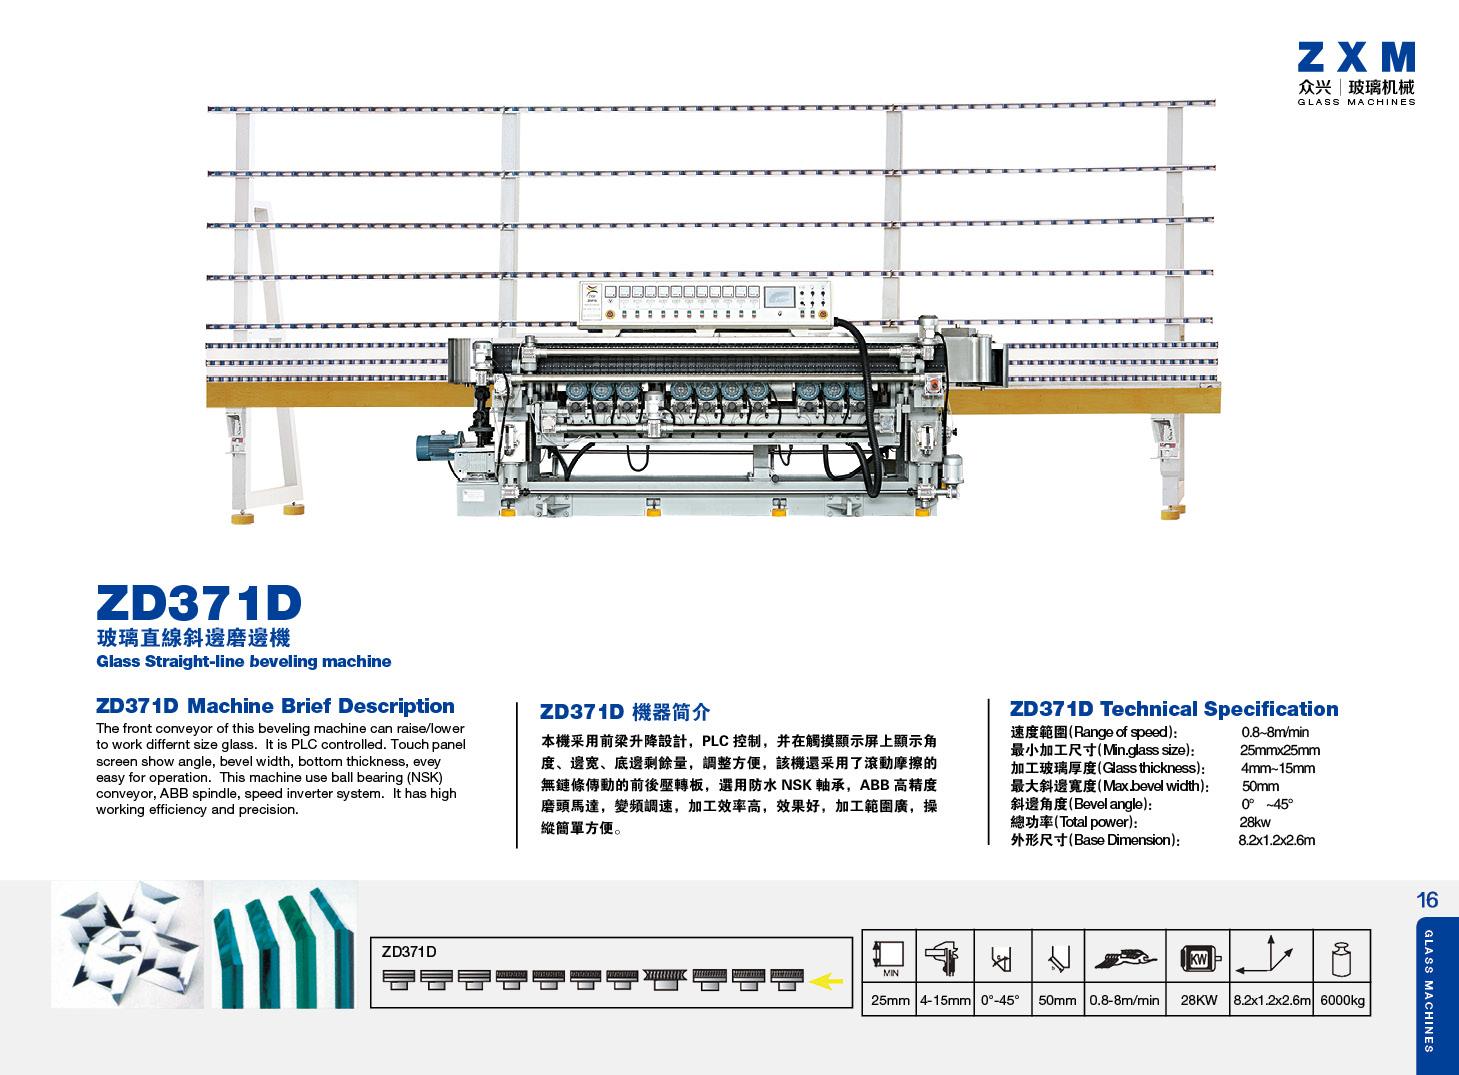 Maszyny szklarskie ZXM 02